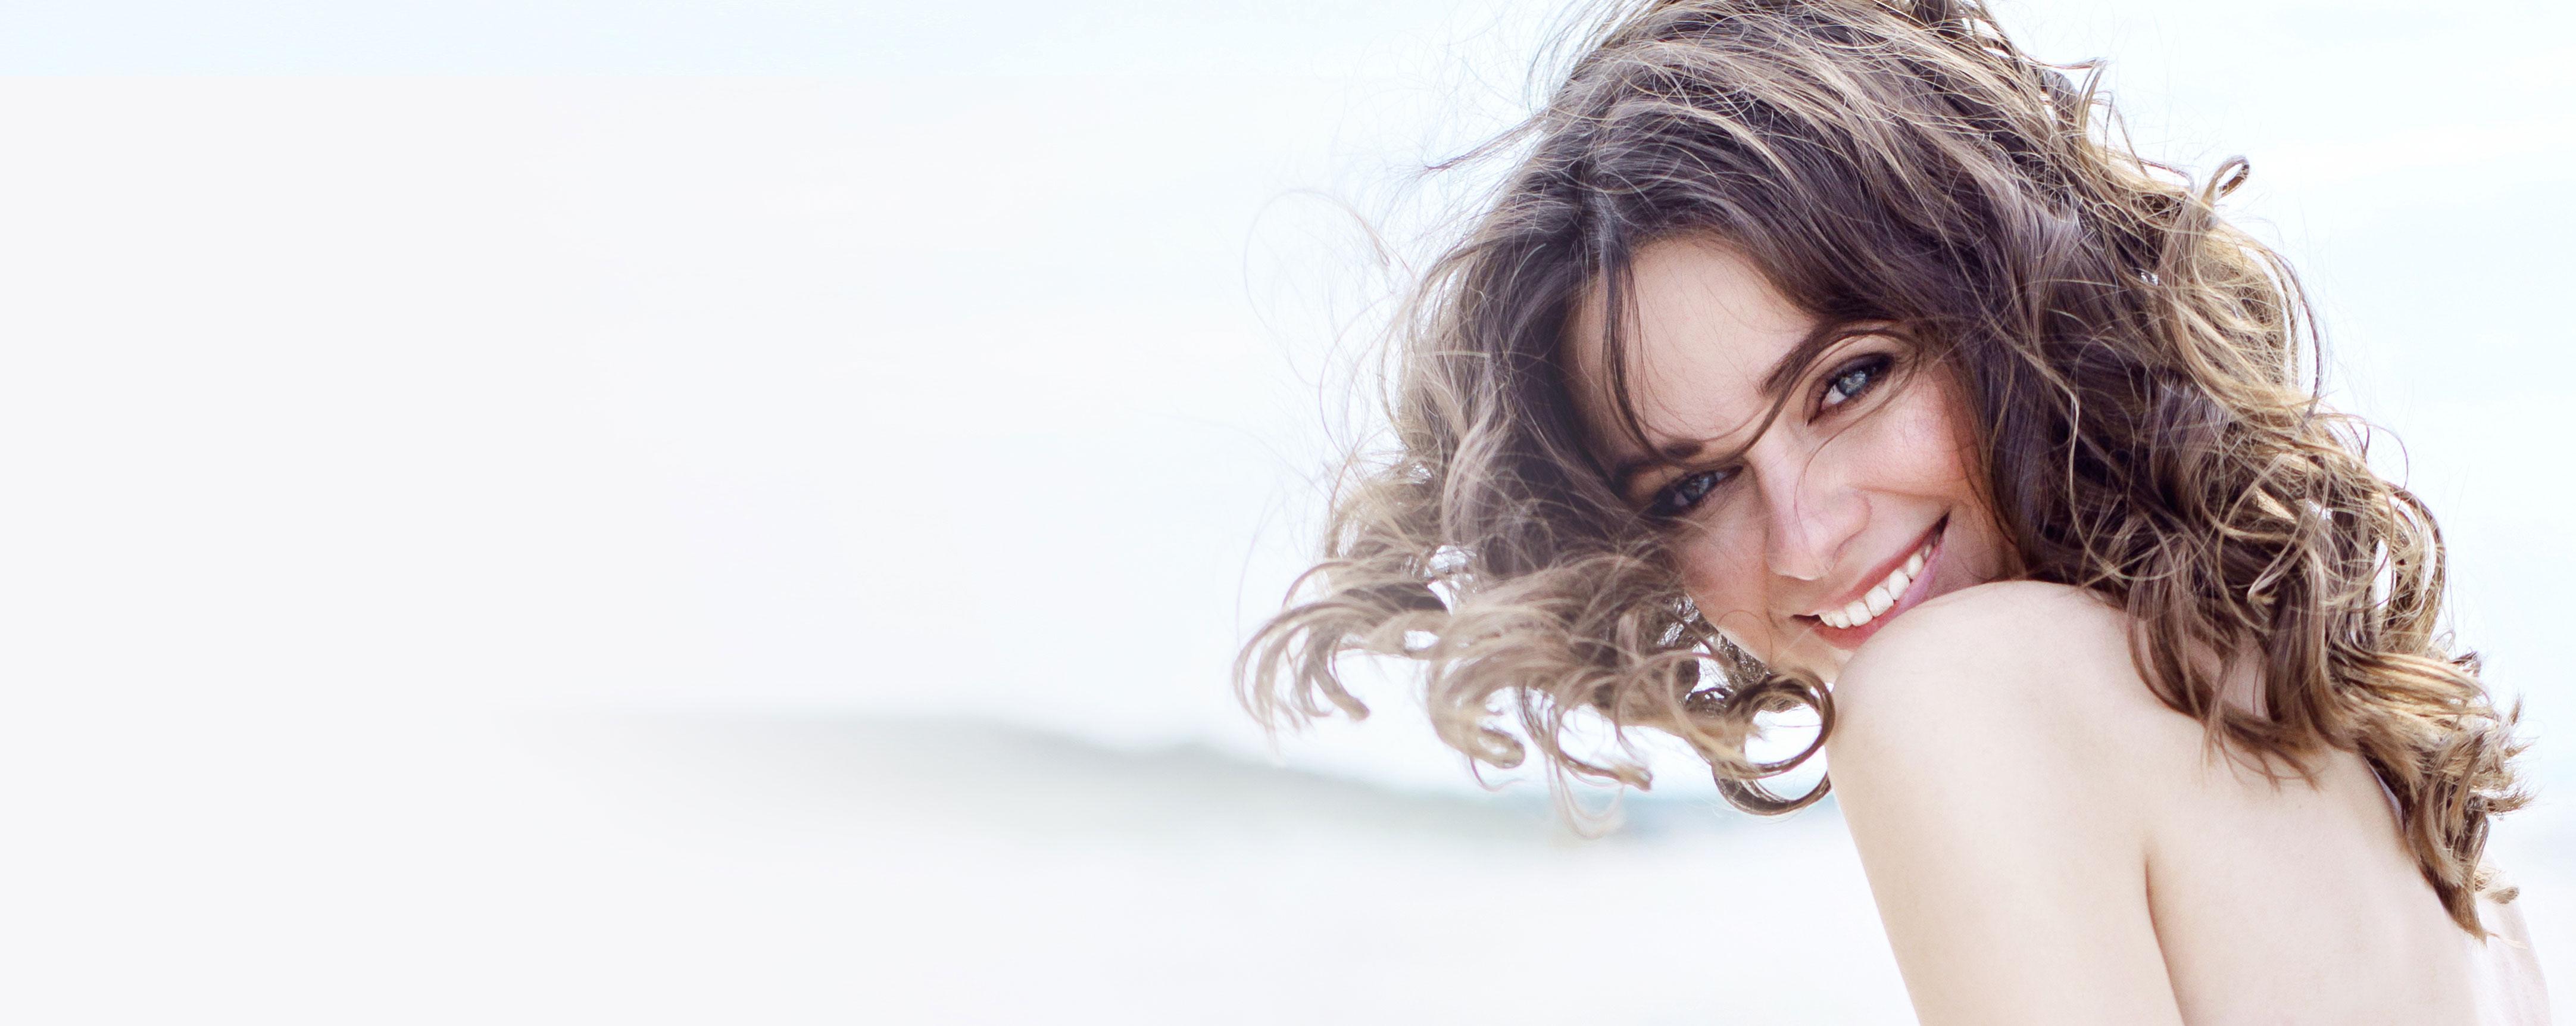 Körperpflege mit glättenden Schönheitsmineralien aus dem Toten Meer